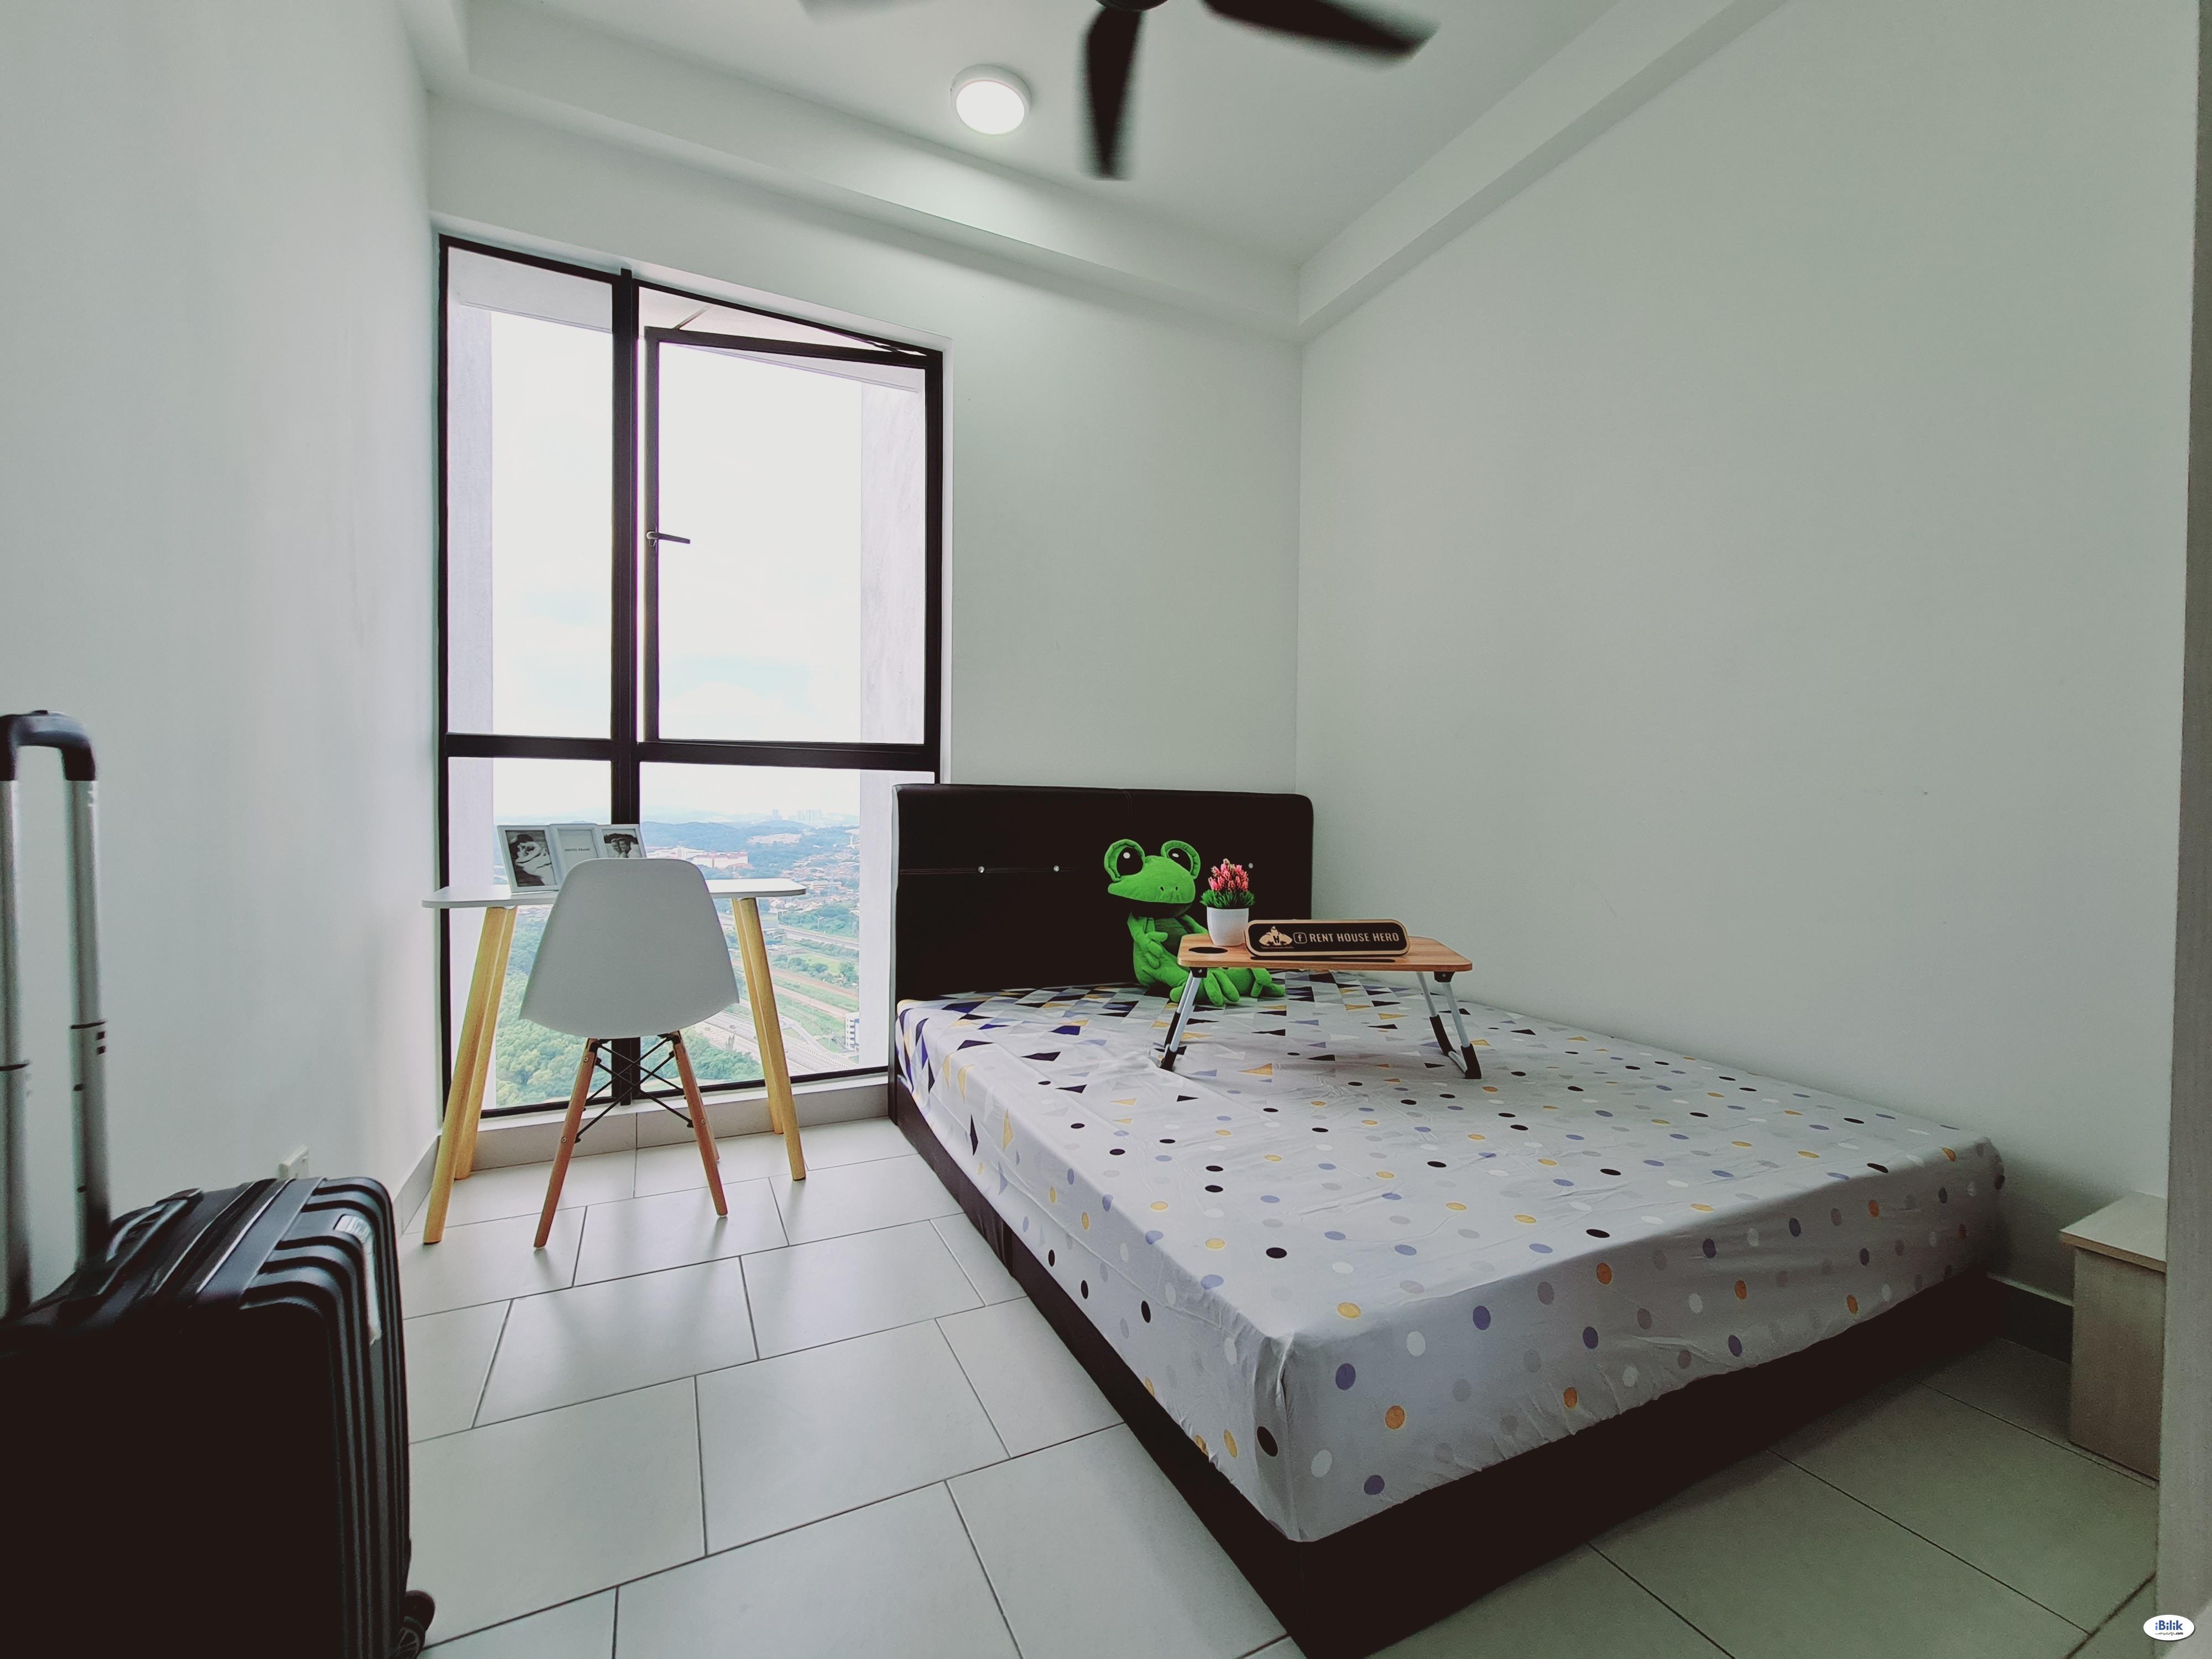 [durian jatuh] Middle Room, Astetica Residences, Seri Kembangan, The Mines